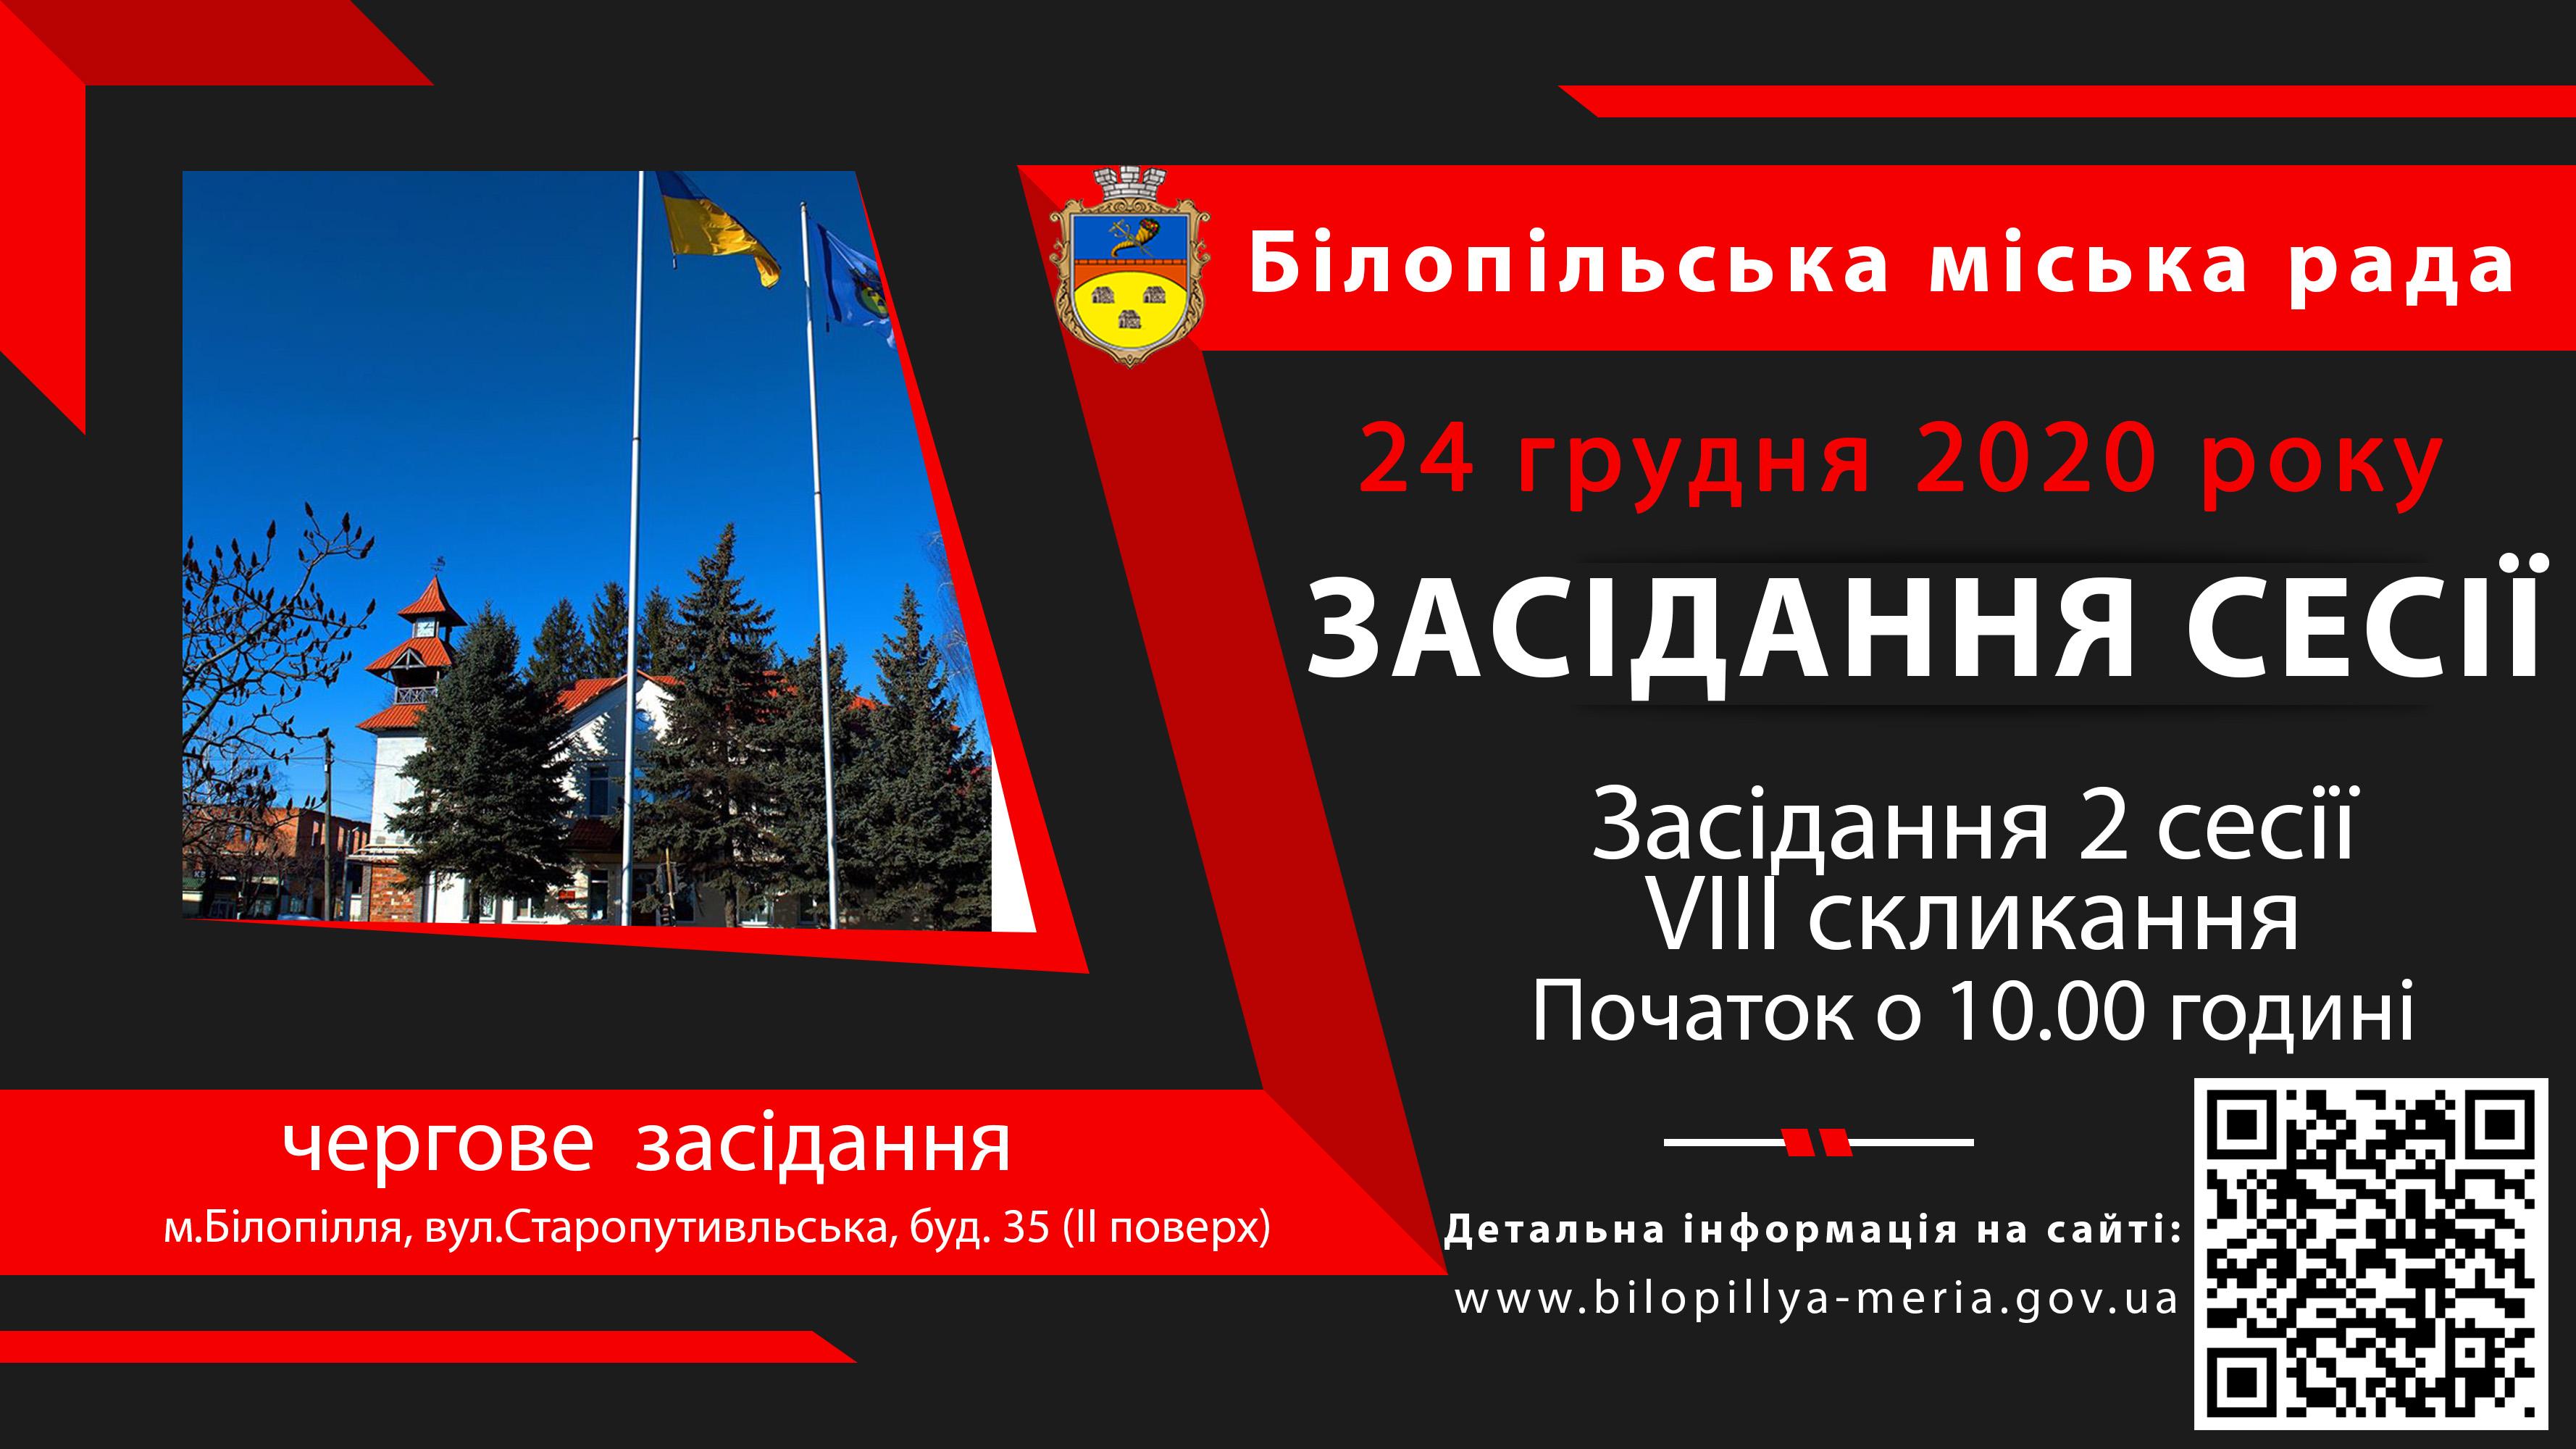 Друга сесія Білопільської міської ради